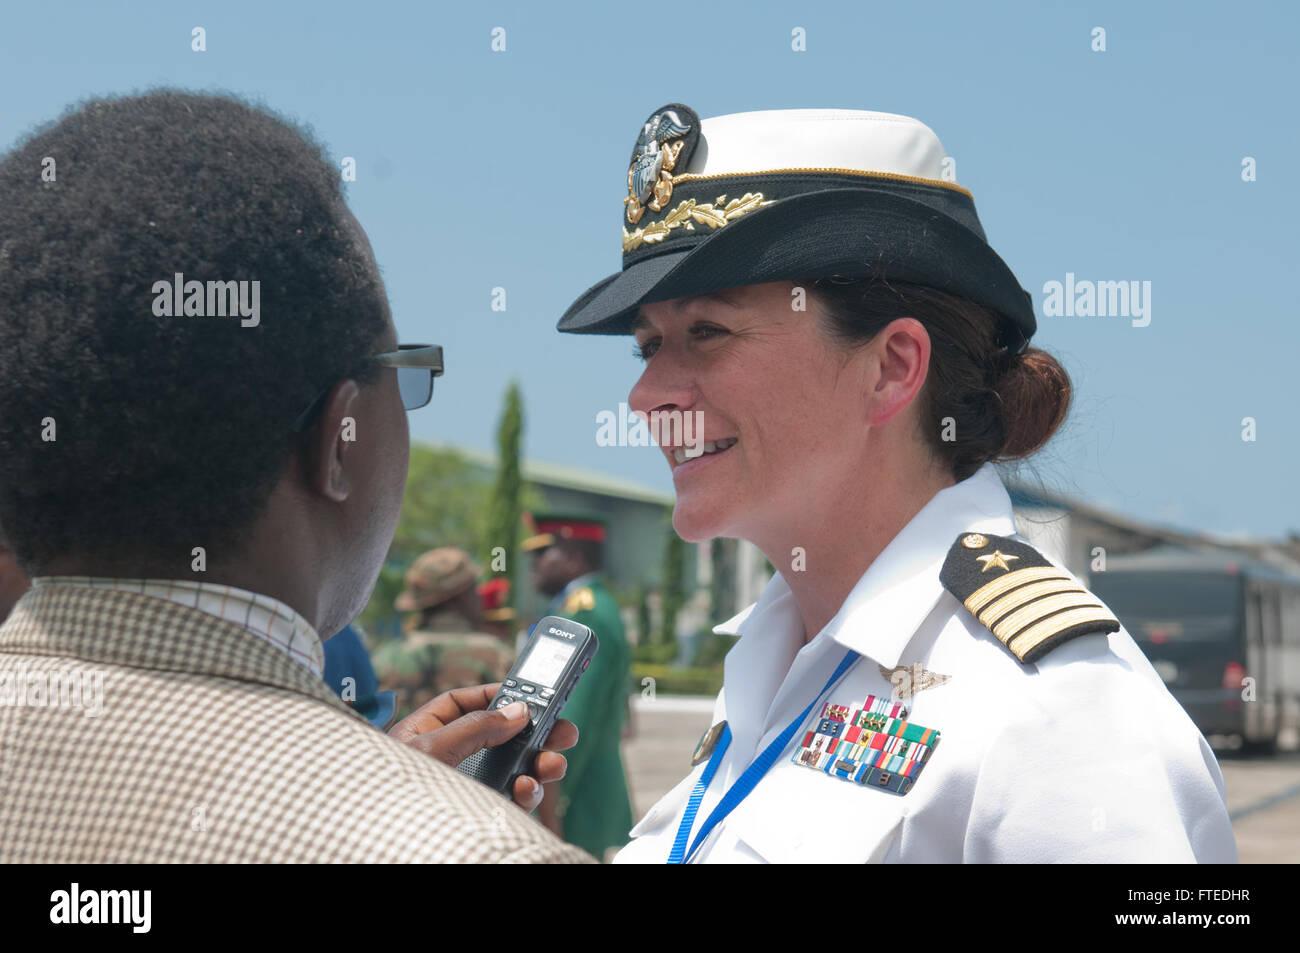 dating agentur i lagos Nigeria off nettet website